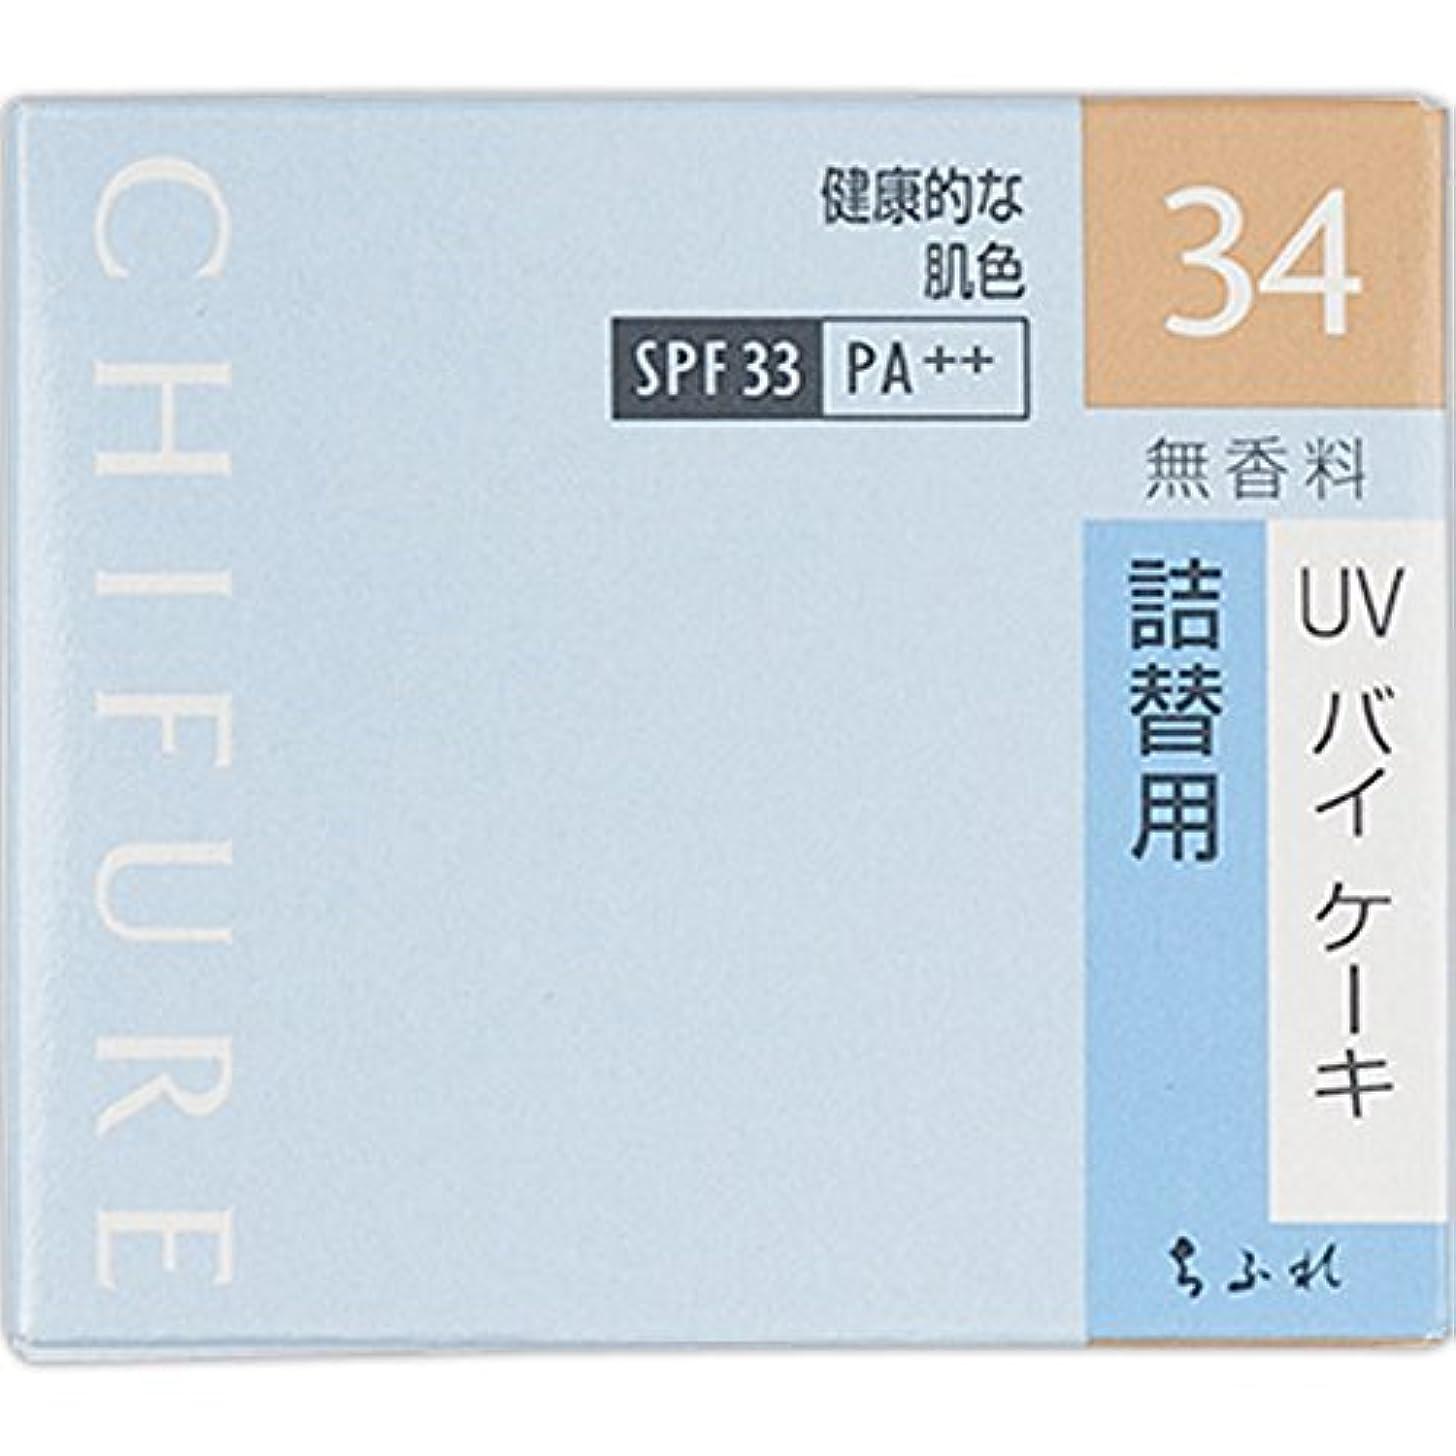 多様体鼓舞する三角形ちふれ化粧品 UV バイ ケーキ 詰替用 34 健康的な肌色 14g